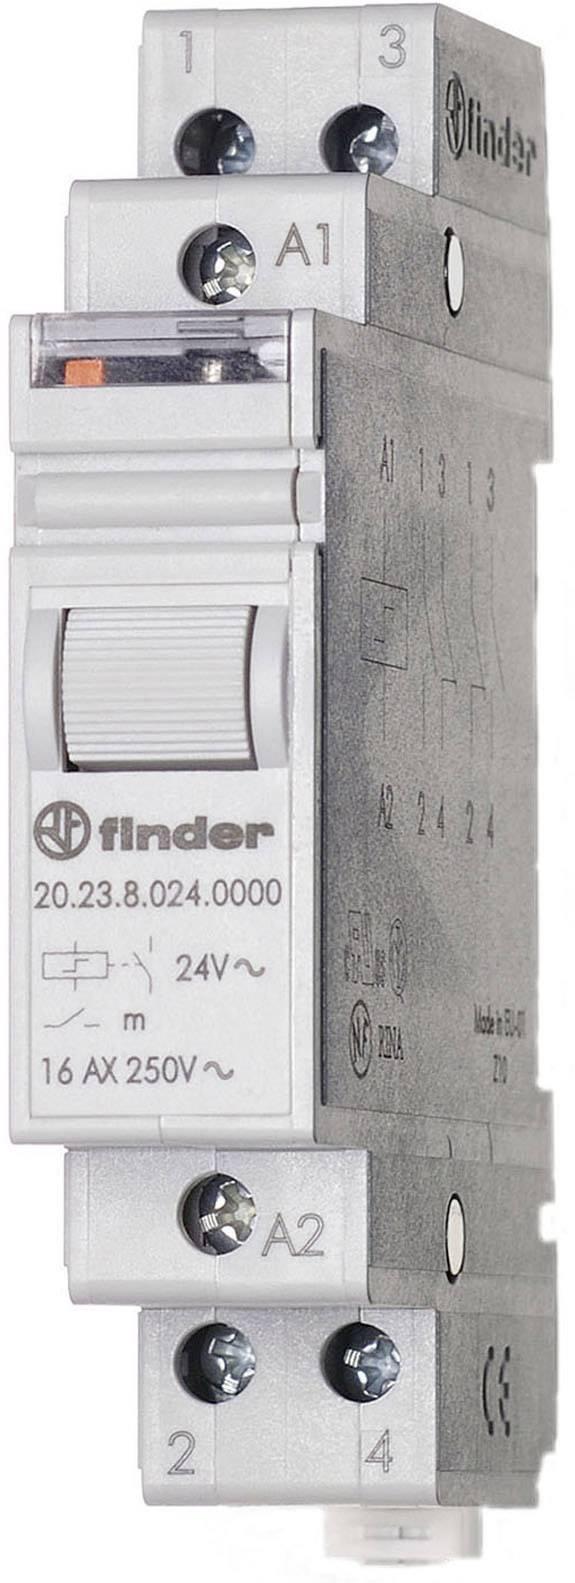 Impulsní spínač Finder 20.23.9.024.4000, 1 spínací kontakt, 1 rozpínací kontakt, 24 V/DC, 16 A, 4000 VA